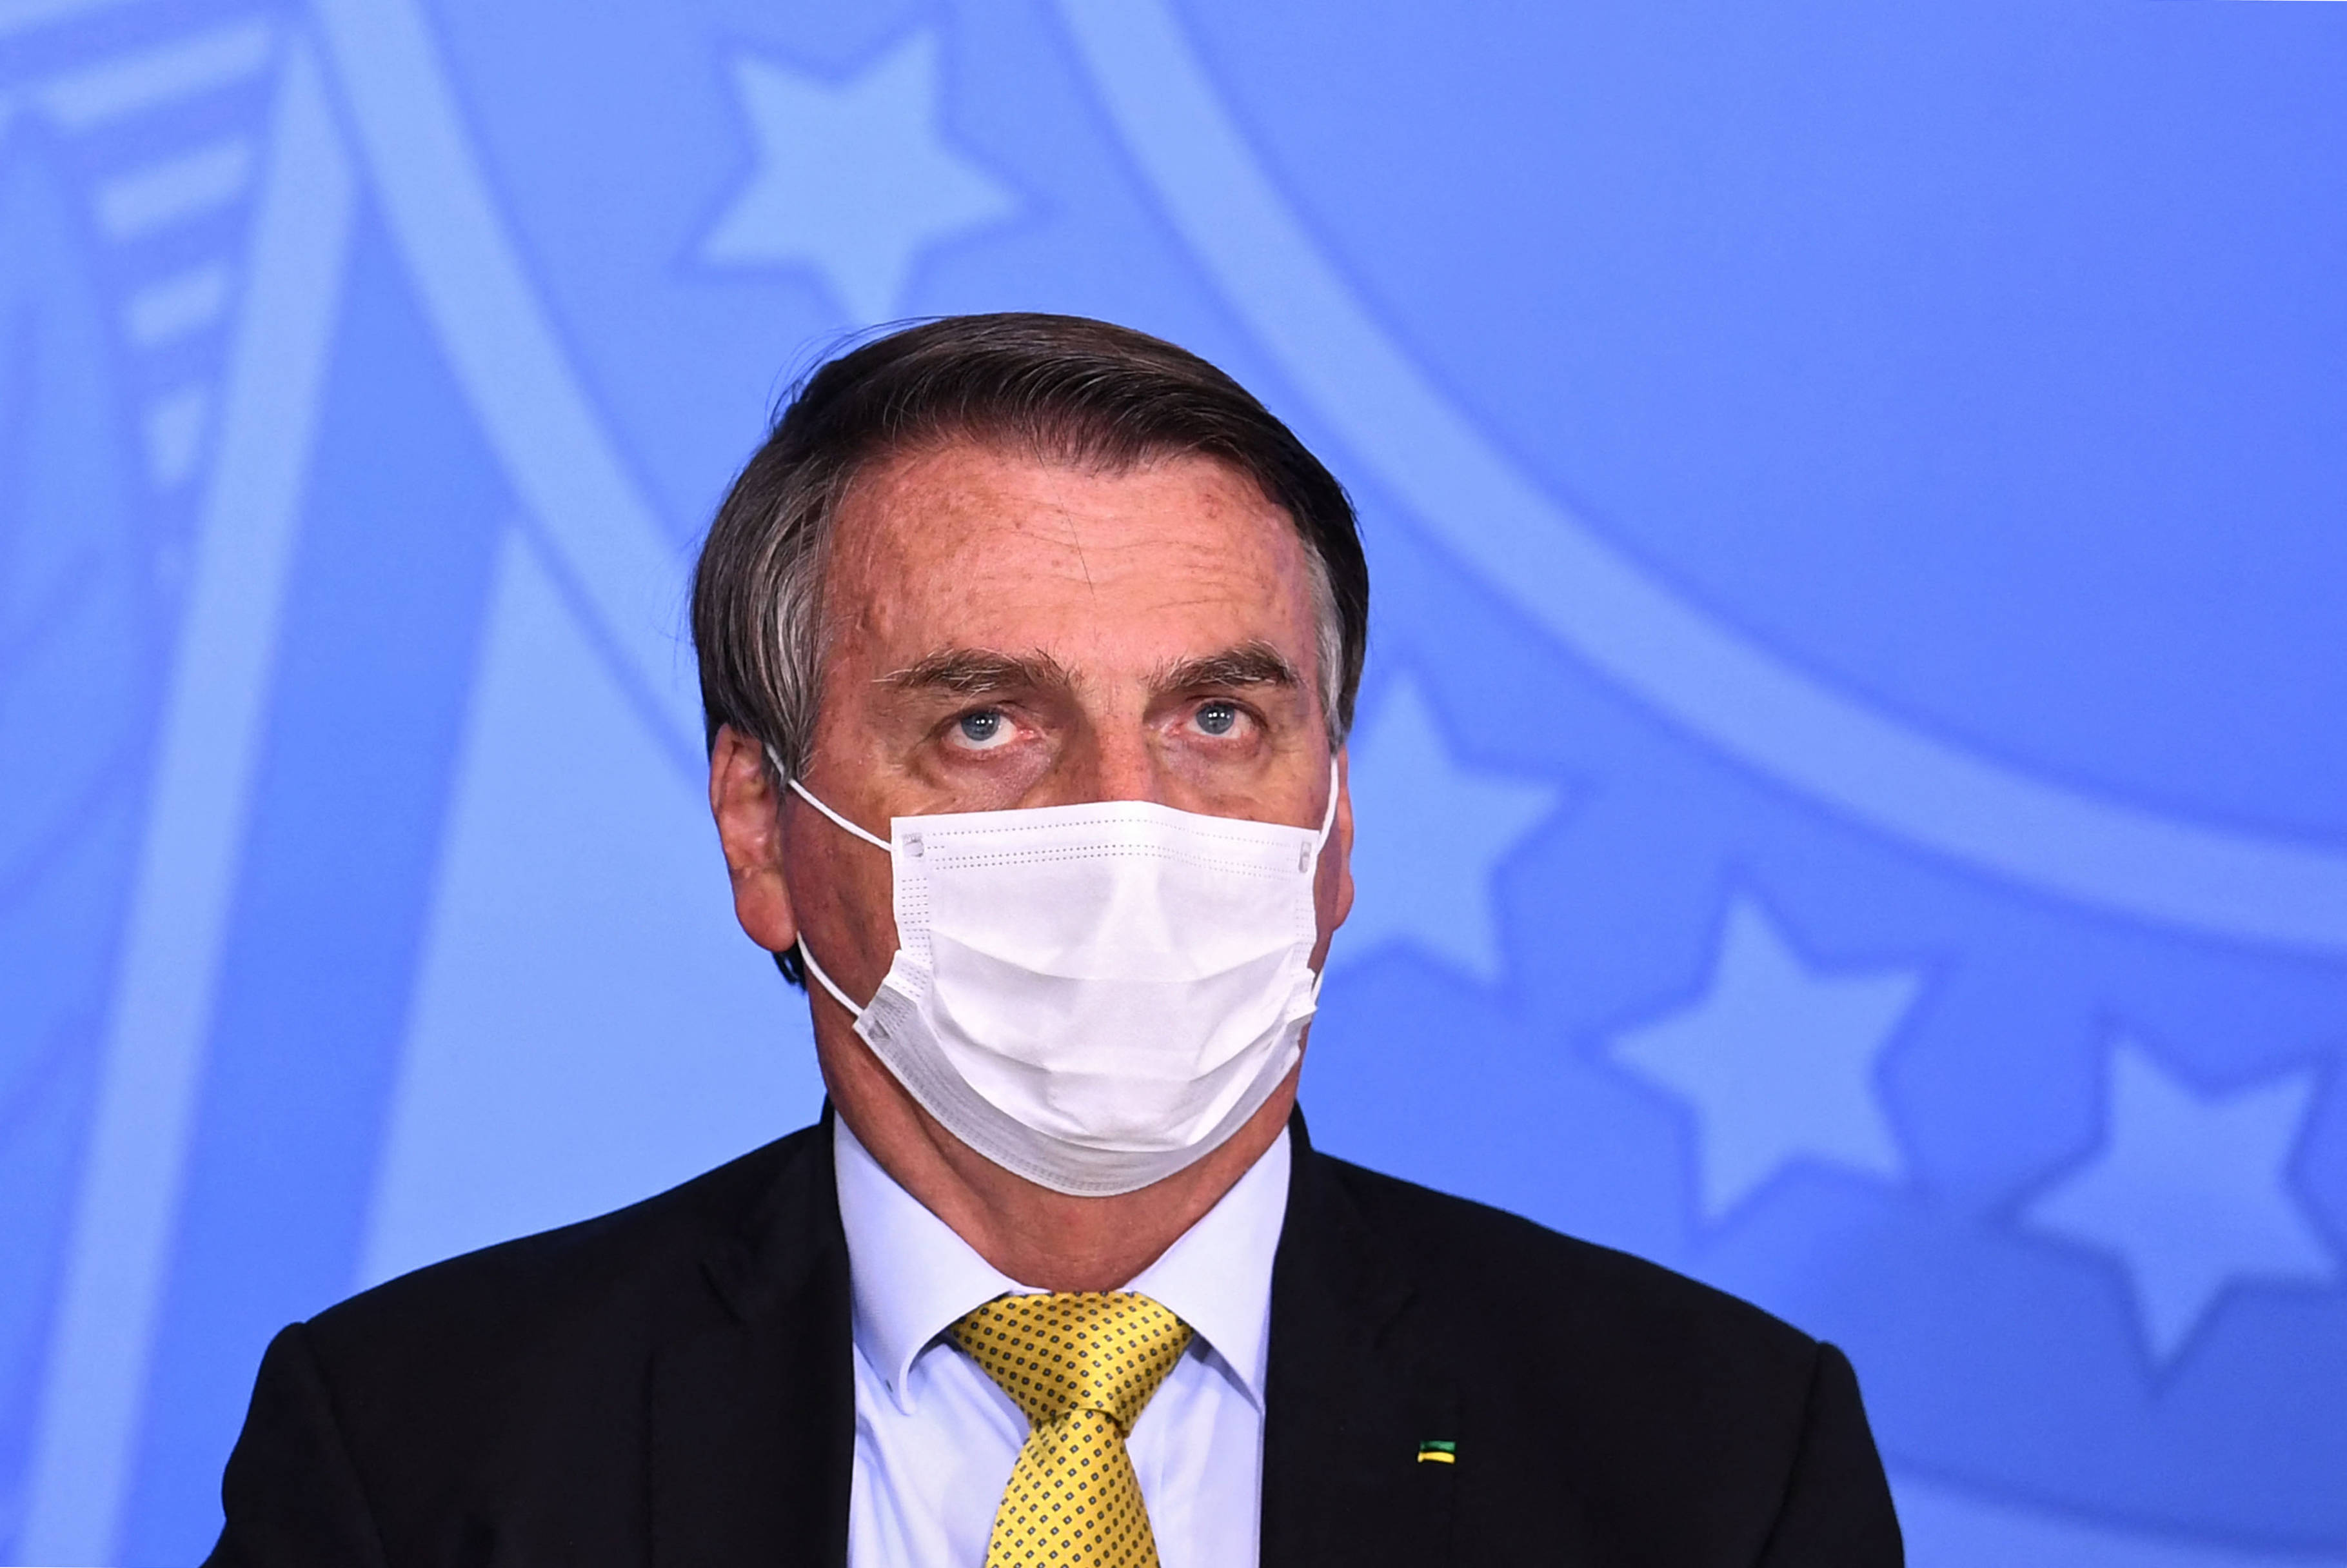 A brazil ügyészség vizsgálja, hogy Bolsonaro tudott-e kormánya korrupciós ügyletéről